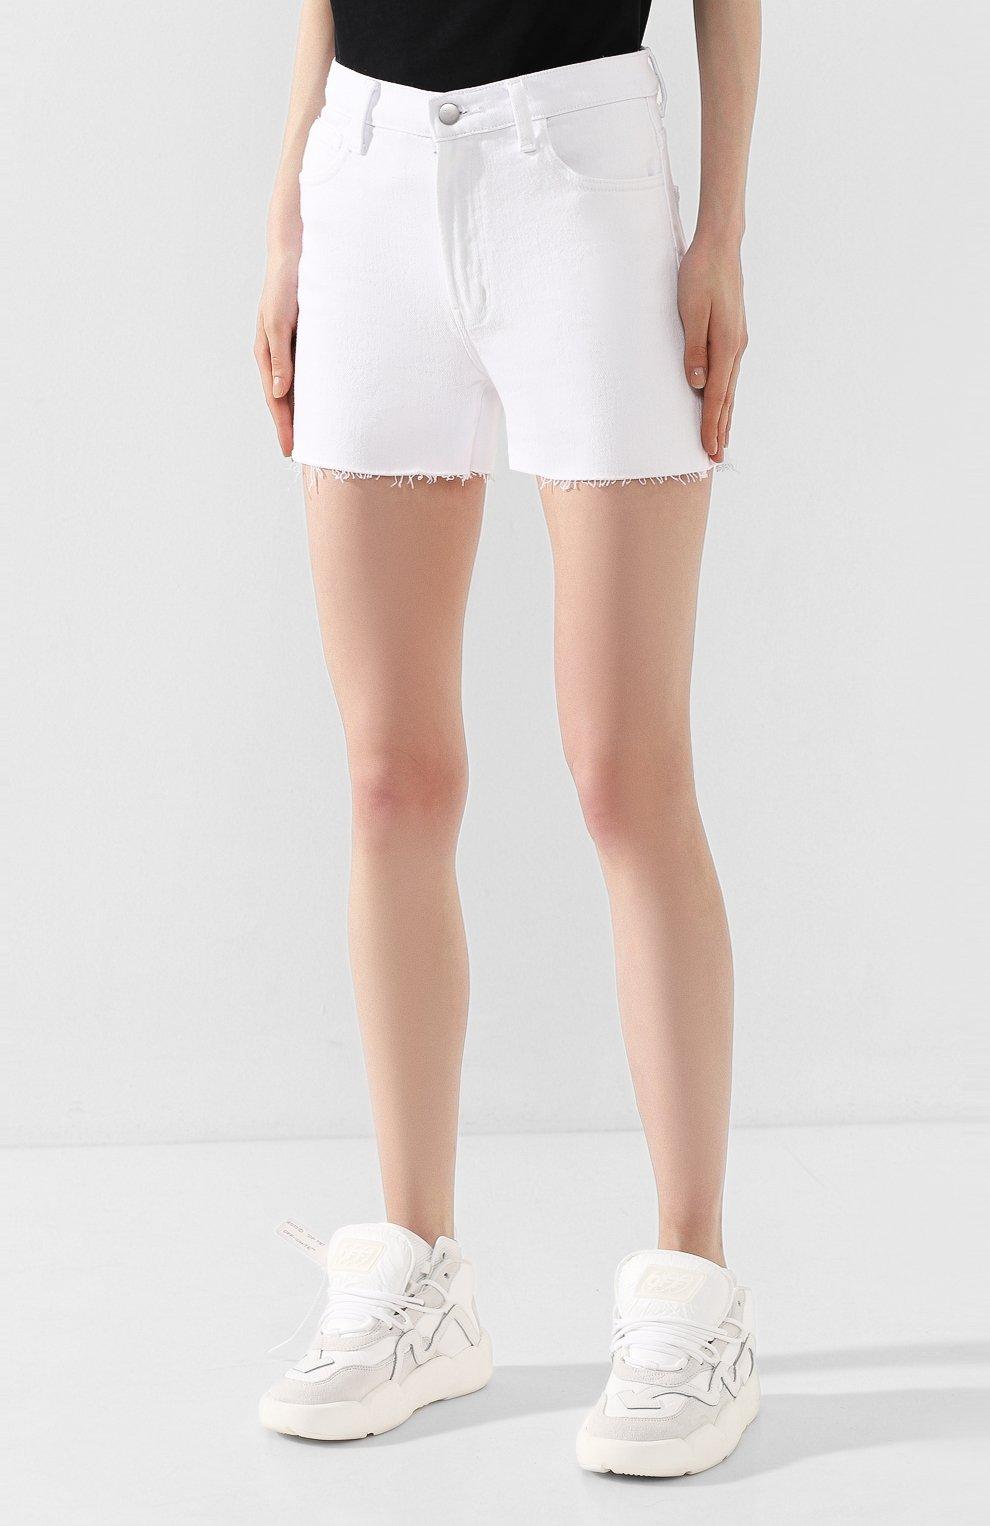 Женские джинсовые шорты J BRAND белого цвета, арт. JB002896 | Фото 3 (Женское Кросс-КТ: Шорты-одежда; Кросс-КТ: Деним; Длина Ж (юбки, платья, шорты): Мини; Материал внешний: Хлопок; Стили: Кэжуэл)